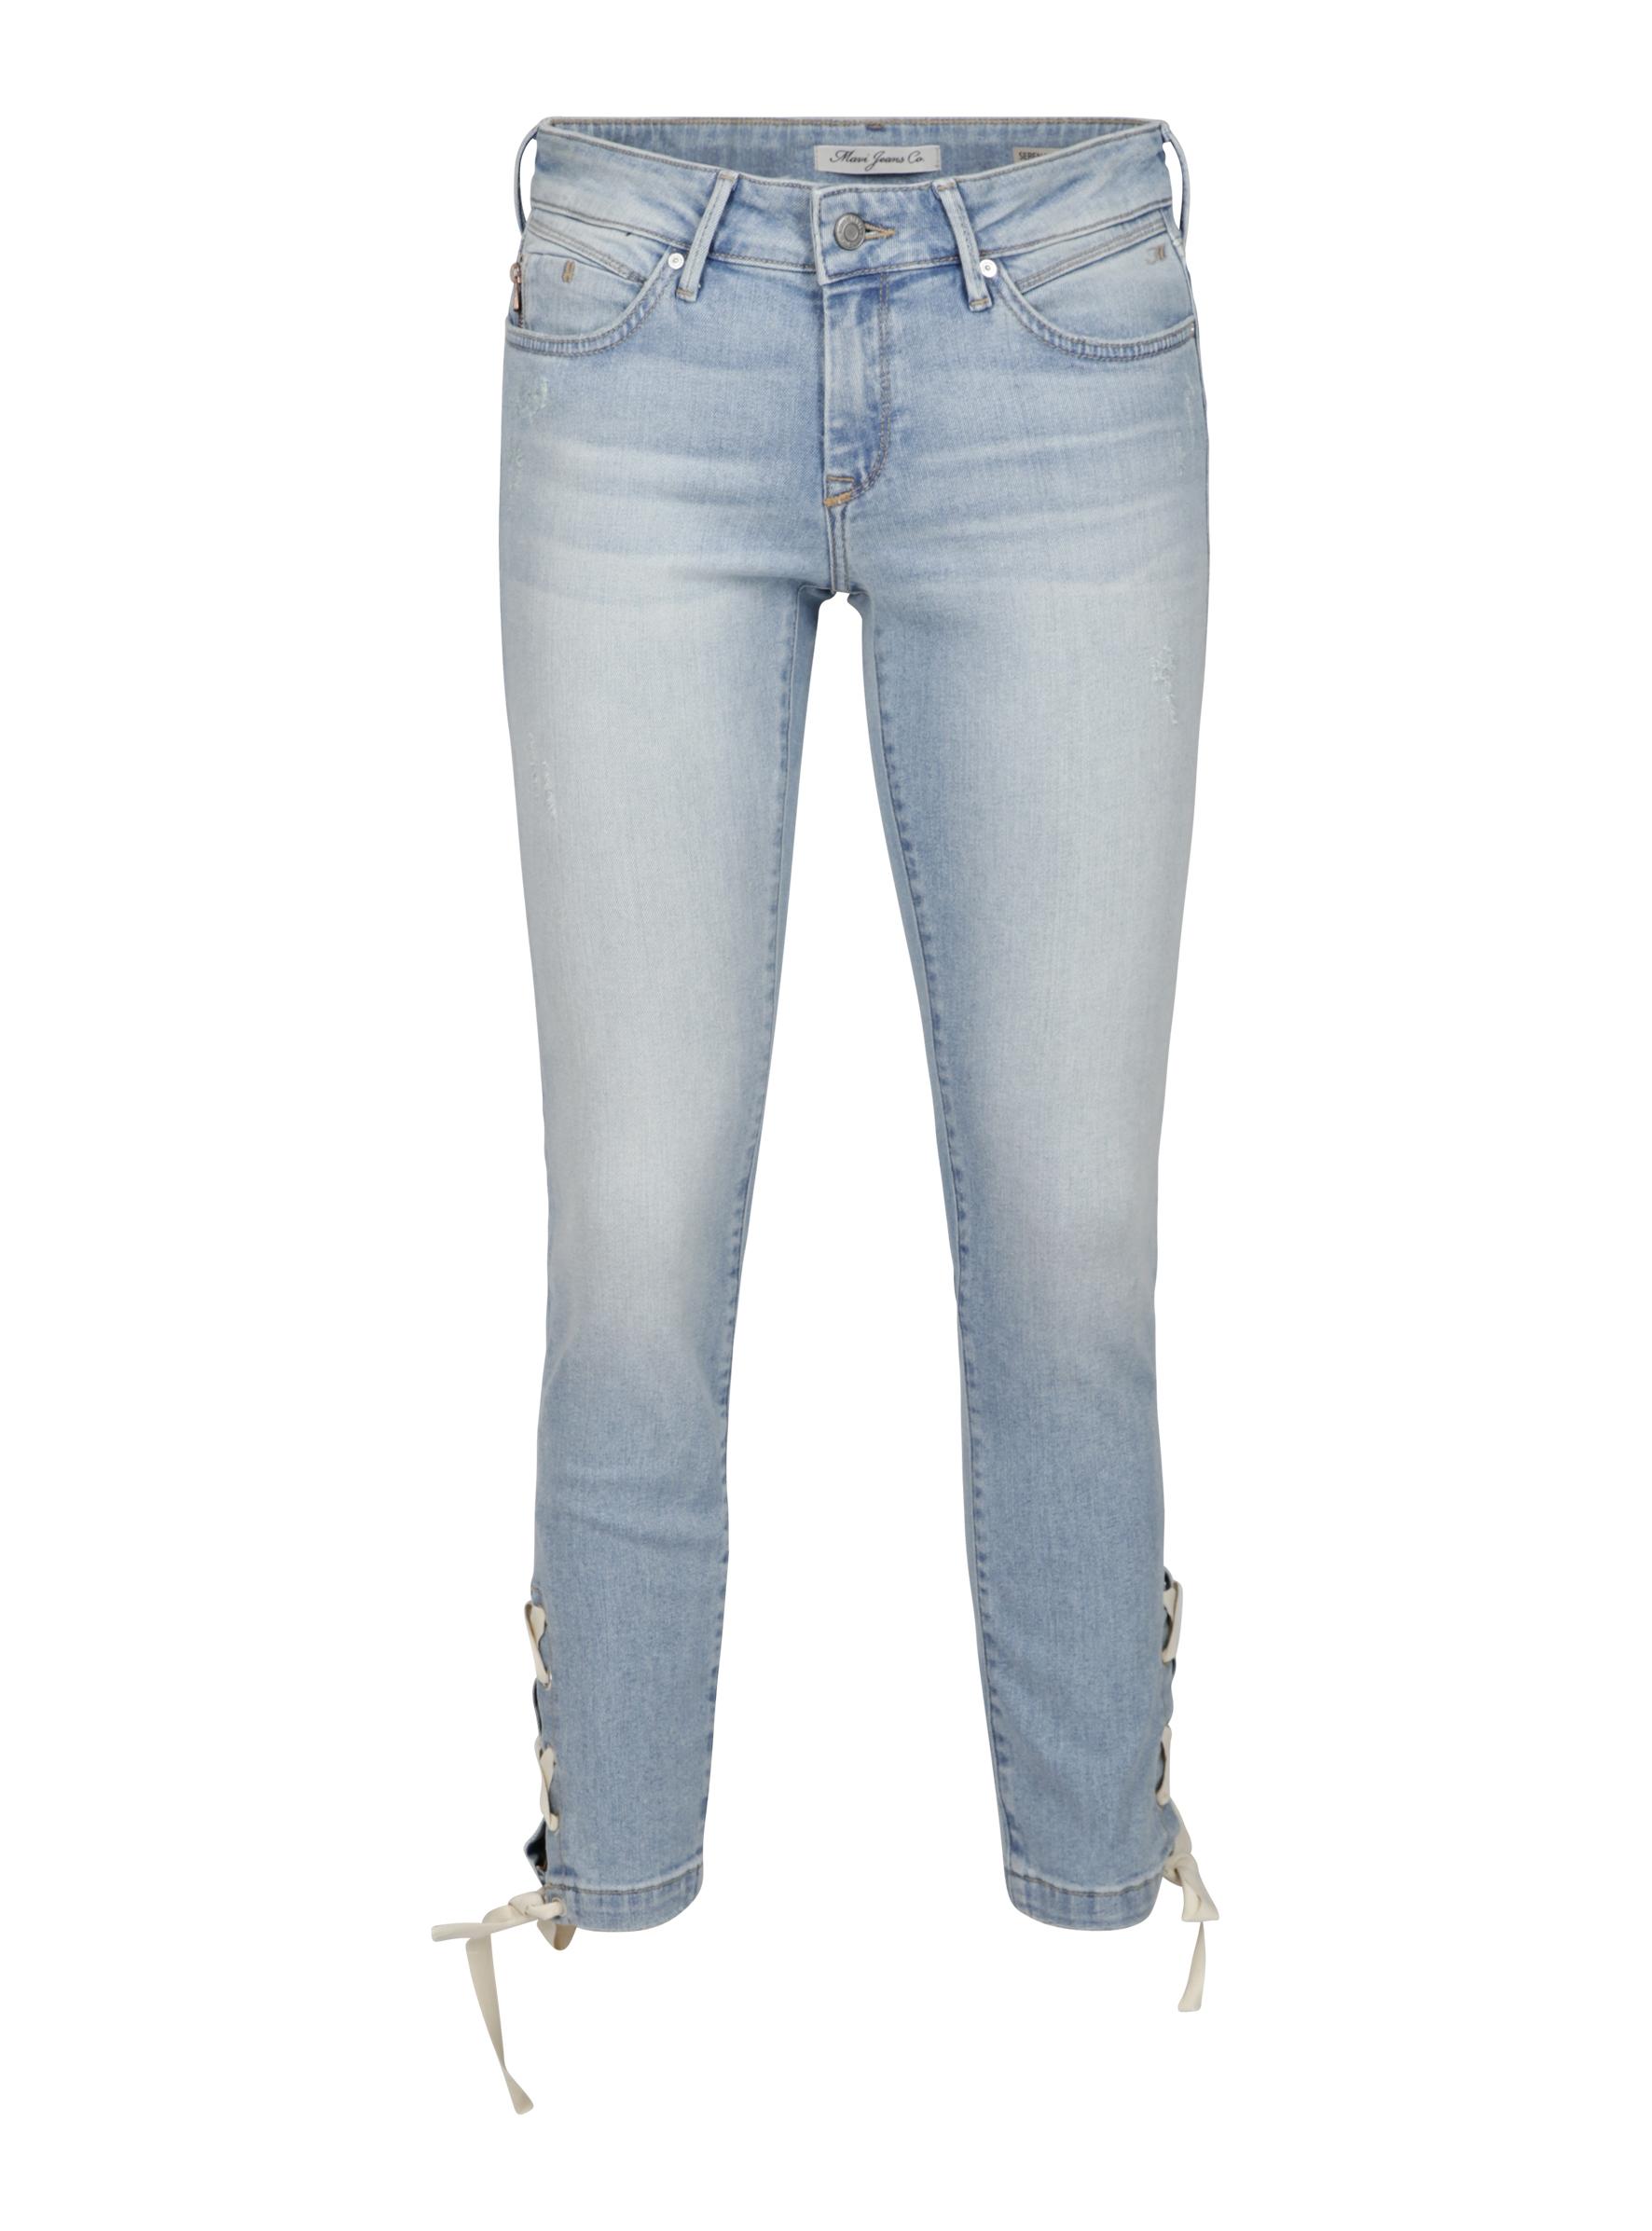 Der Serena Ankle Fit in Super Skinny und Schnürdetails an den Beinen bei Mavi Jeans